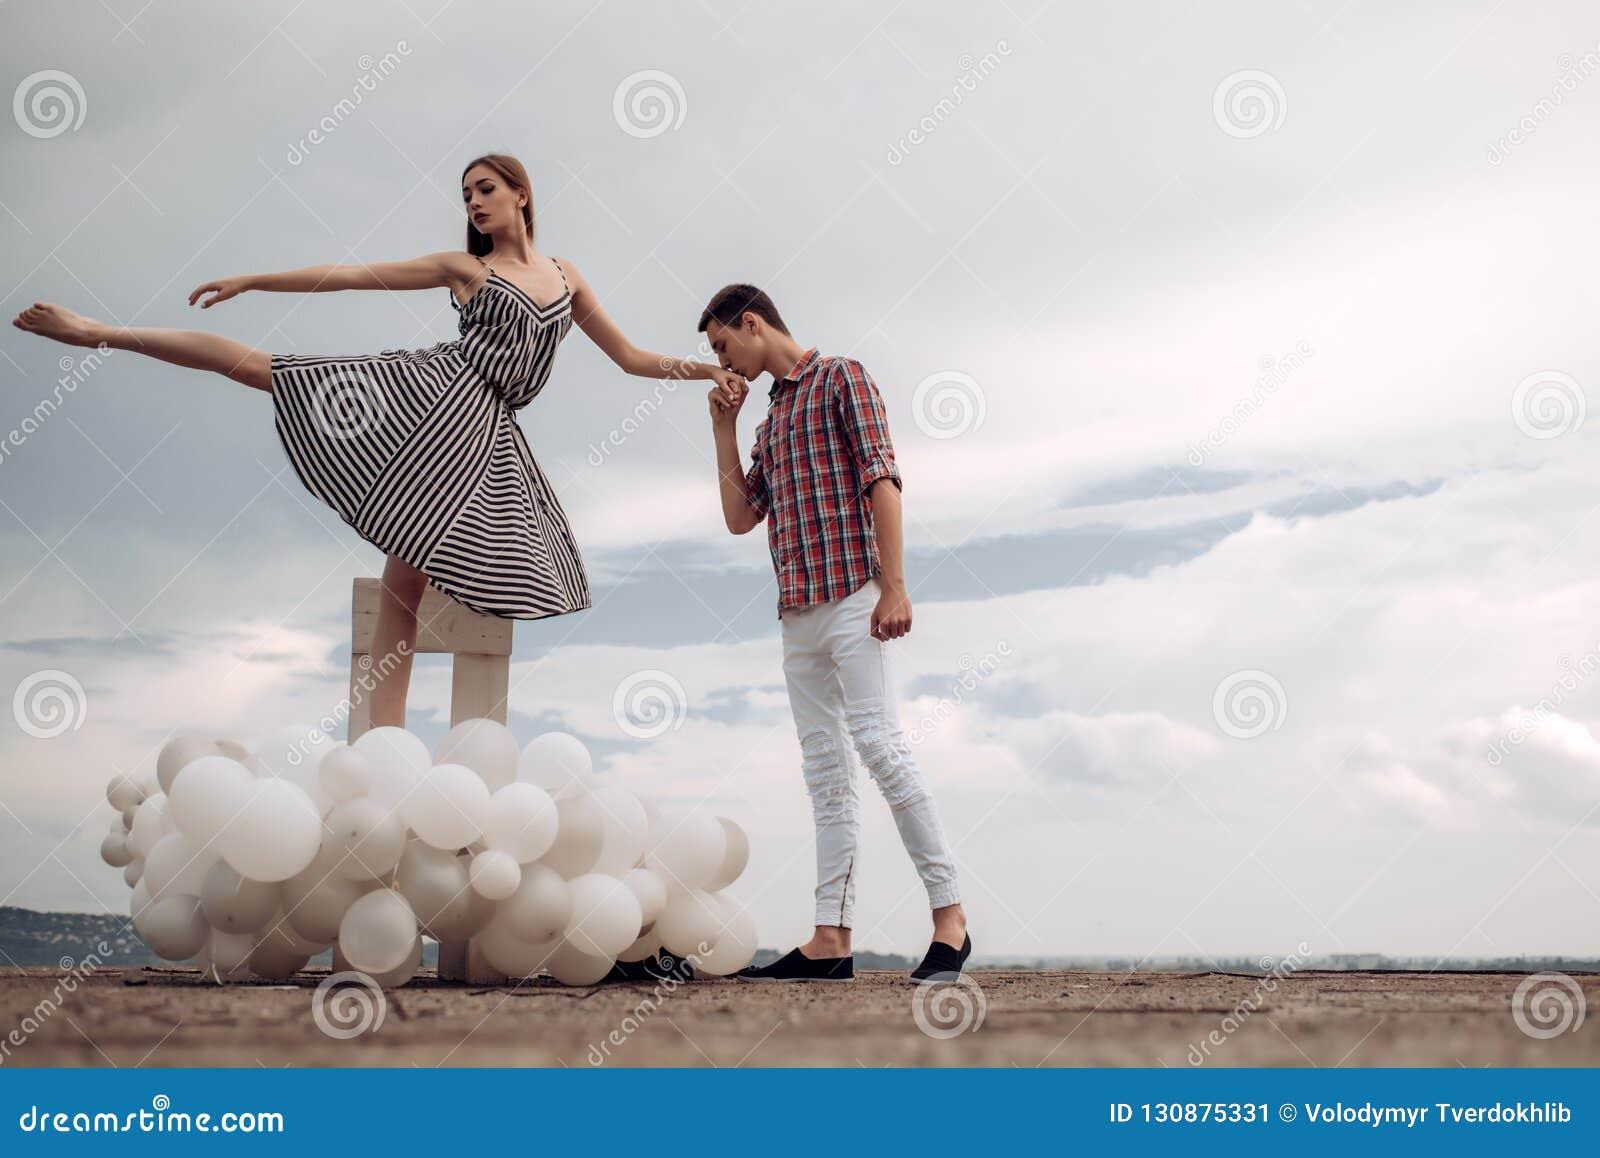 也约会我浪漫看到相似的工作的画廊 芭蕾夫妇到爱联系里 耦合爱 坠入爱河的跳芭蕾舞者 浪漫的关系